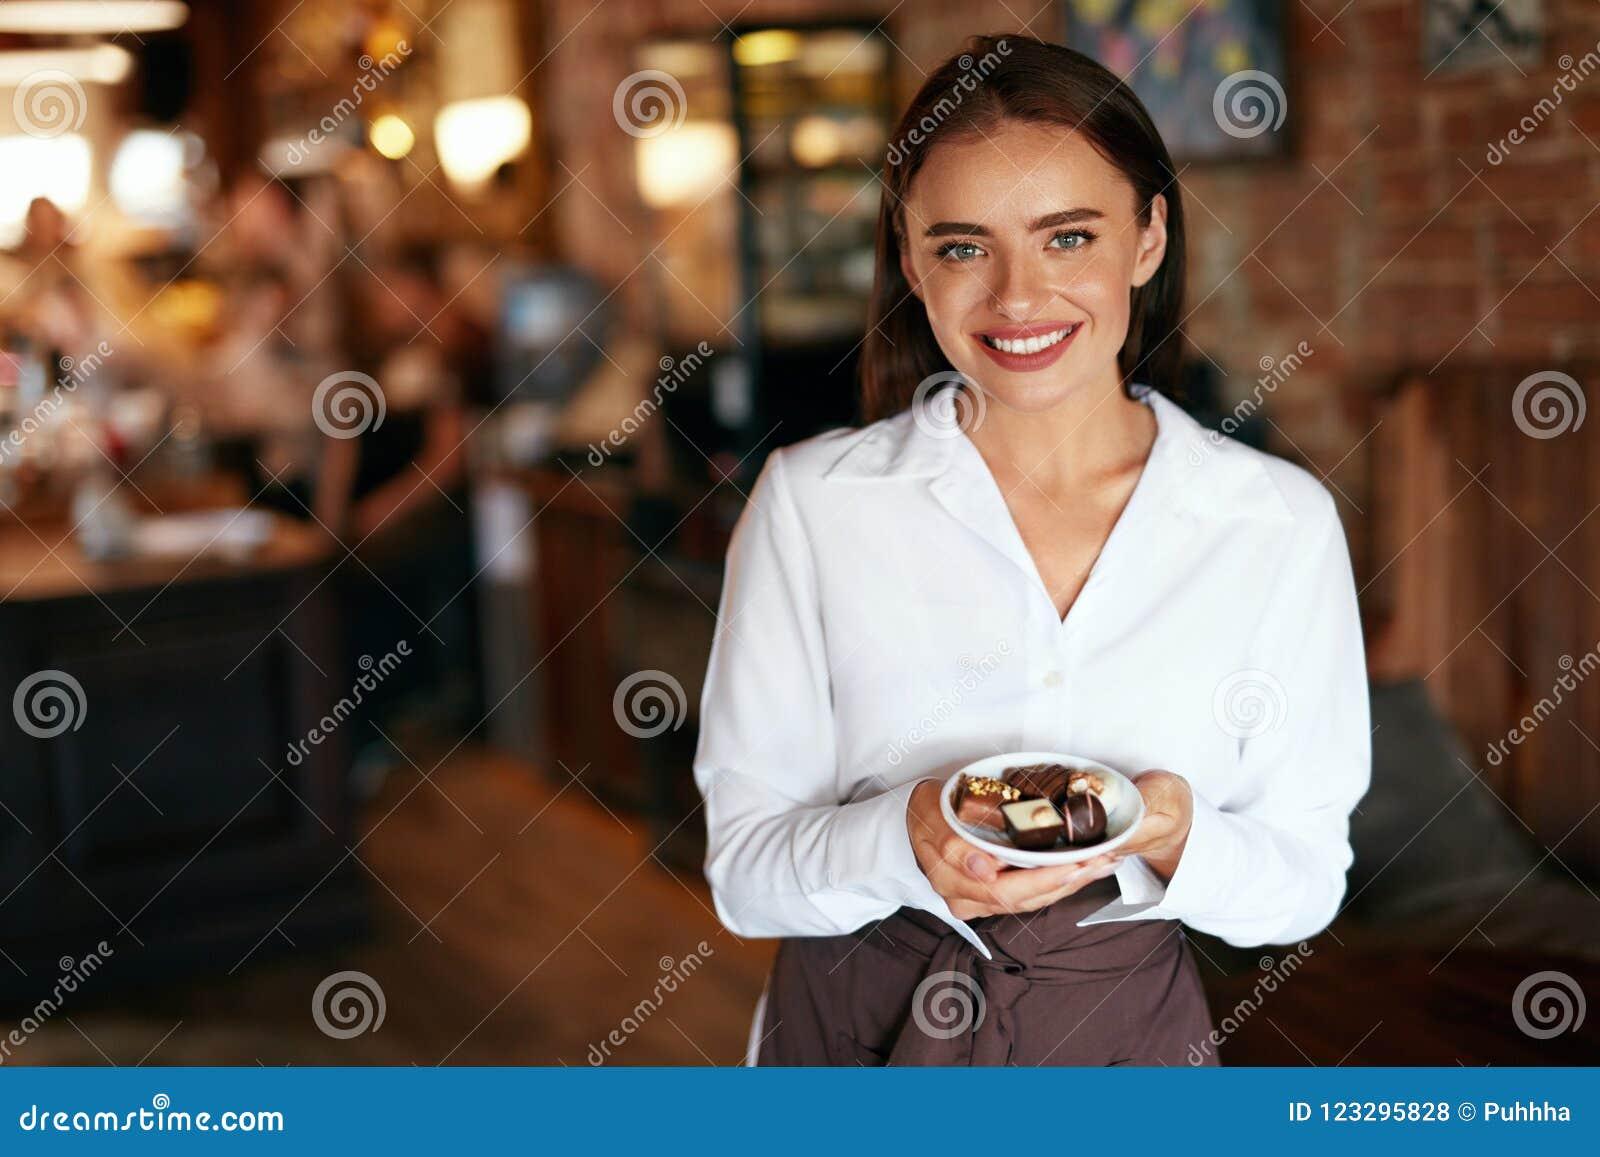 Σερβιτόρα στον καφέ Γυναίκα με τις καραμέλες σοκολάτας στη βιομηχανία ζαχαρωδών προϊόντων